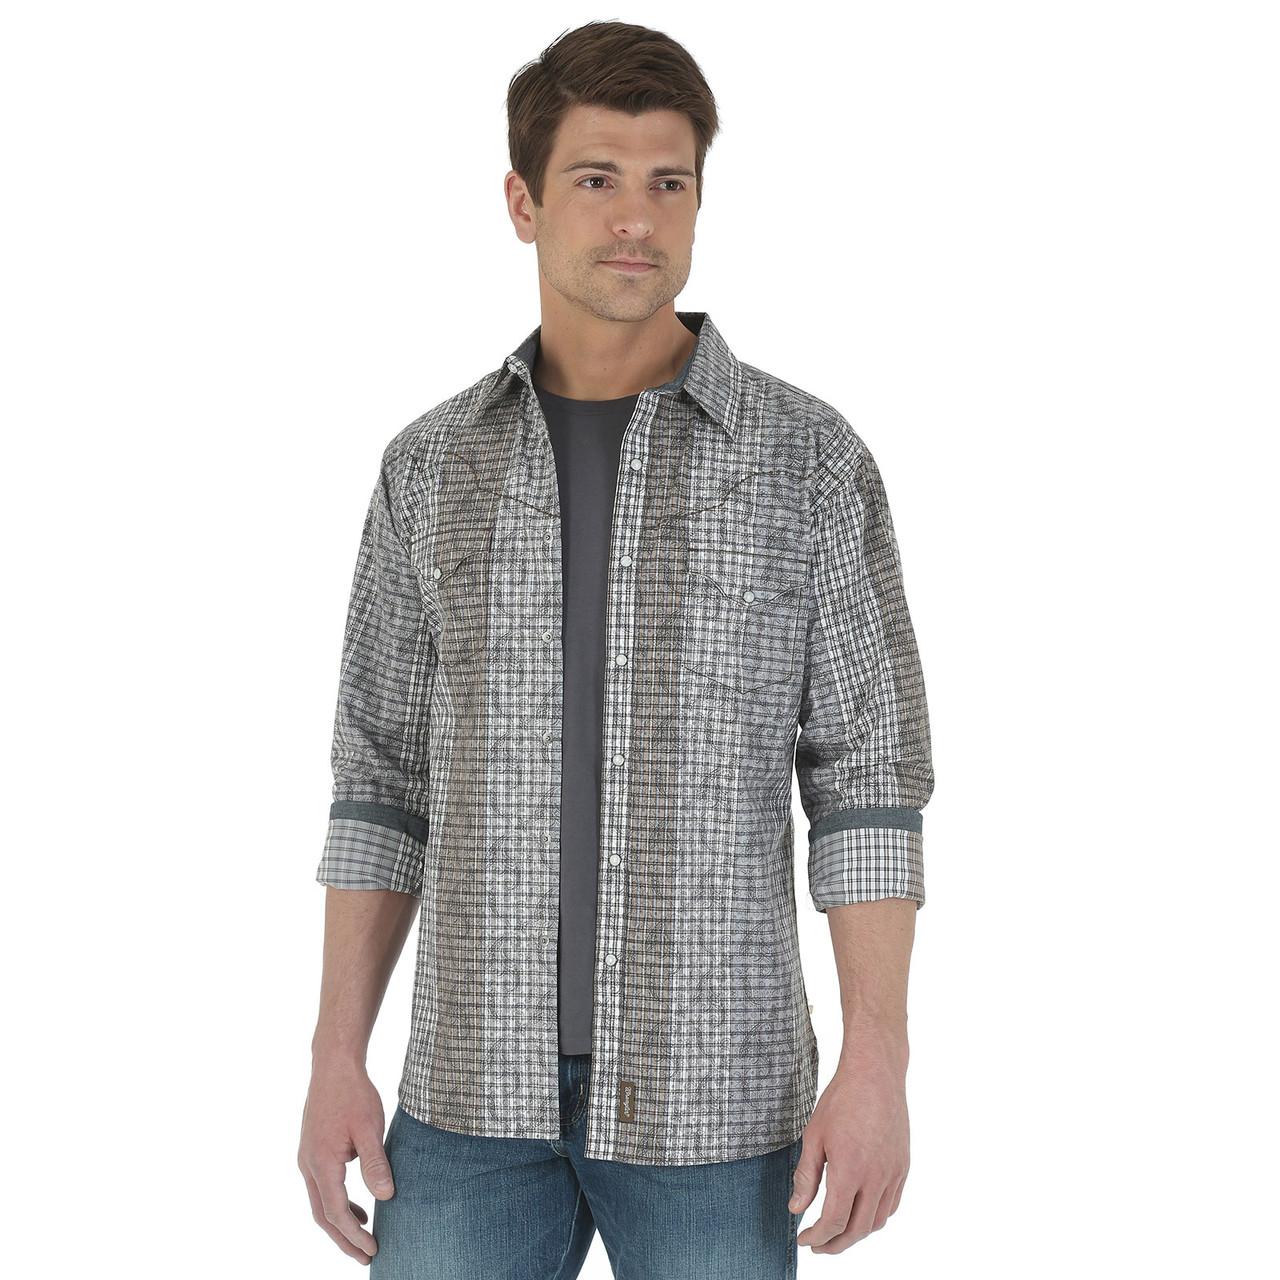 Рубашка Wrangler, S, Black/Grey, MVR235M